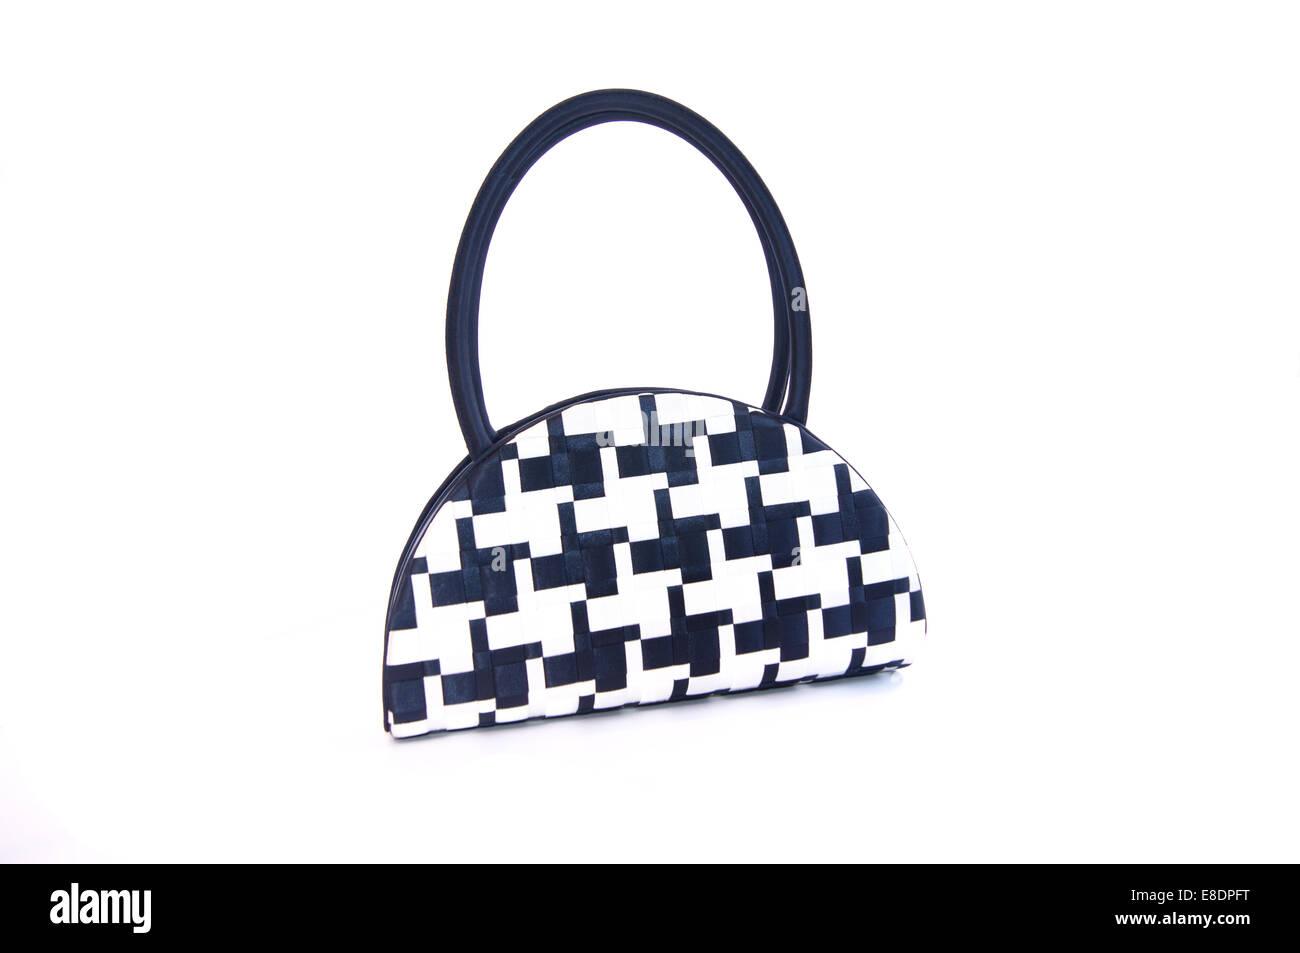 8711fd22a55b2 Black And White Handtasche isoliert auf einem weißen Hintergrund. Stockbild